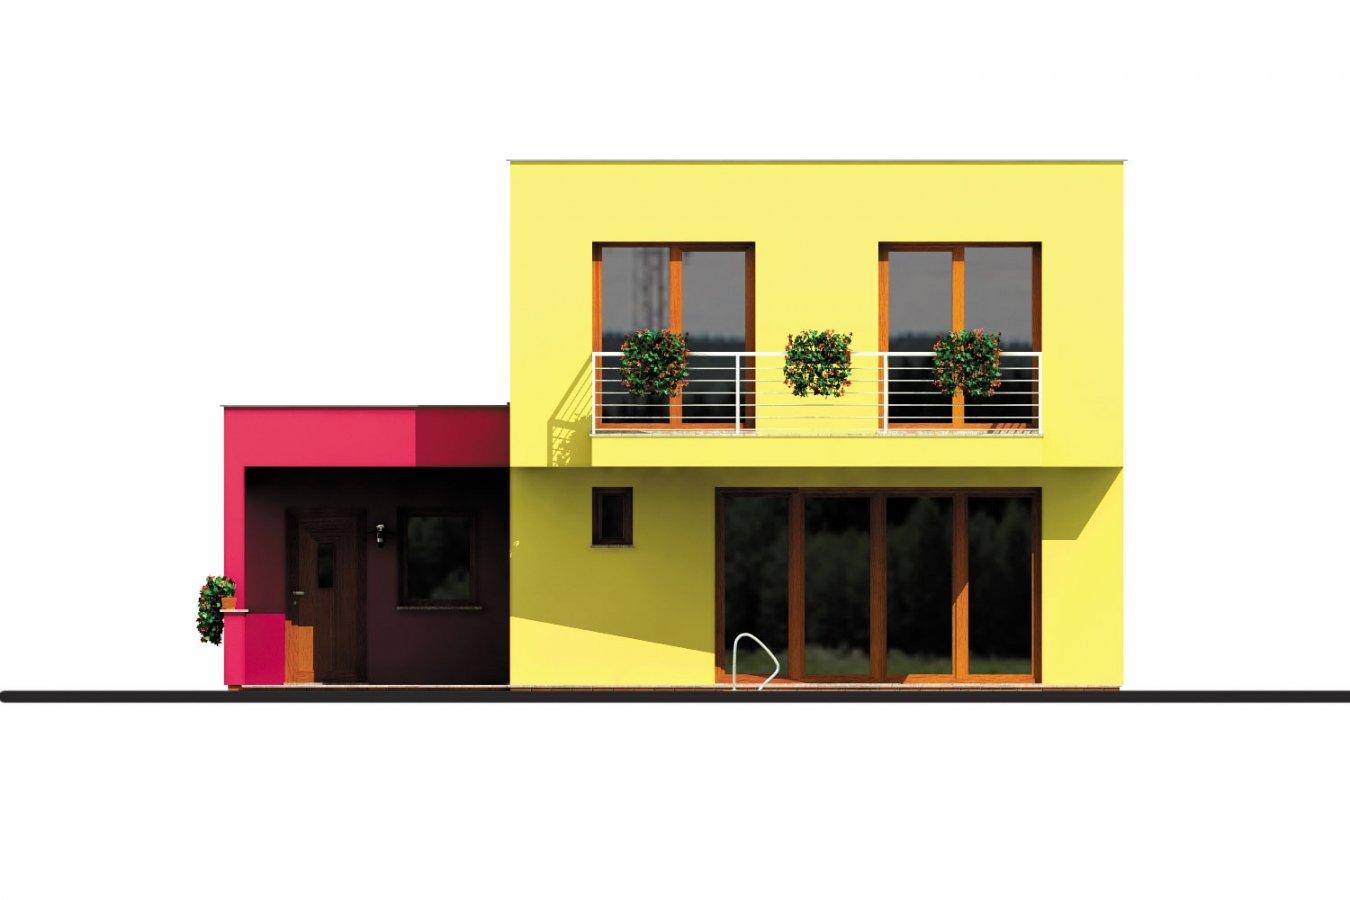 Pohľad 3. - 4-izbový rodinný dom s garážou.